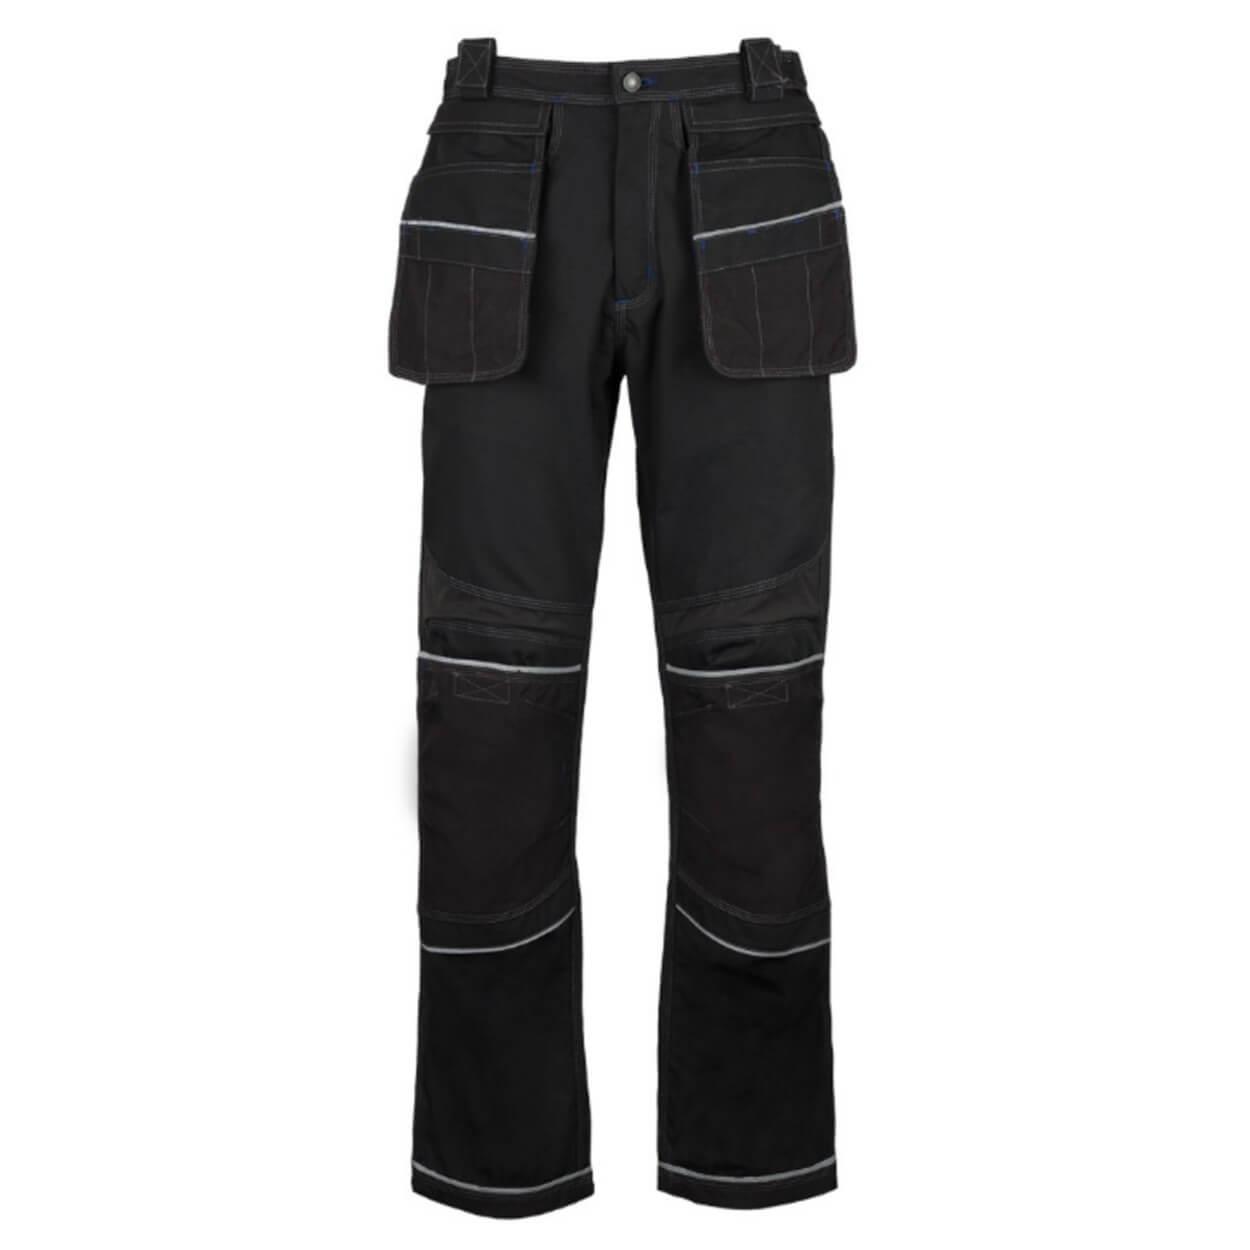 Ανδρικό παντελόνι πάνελ